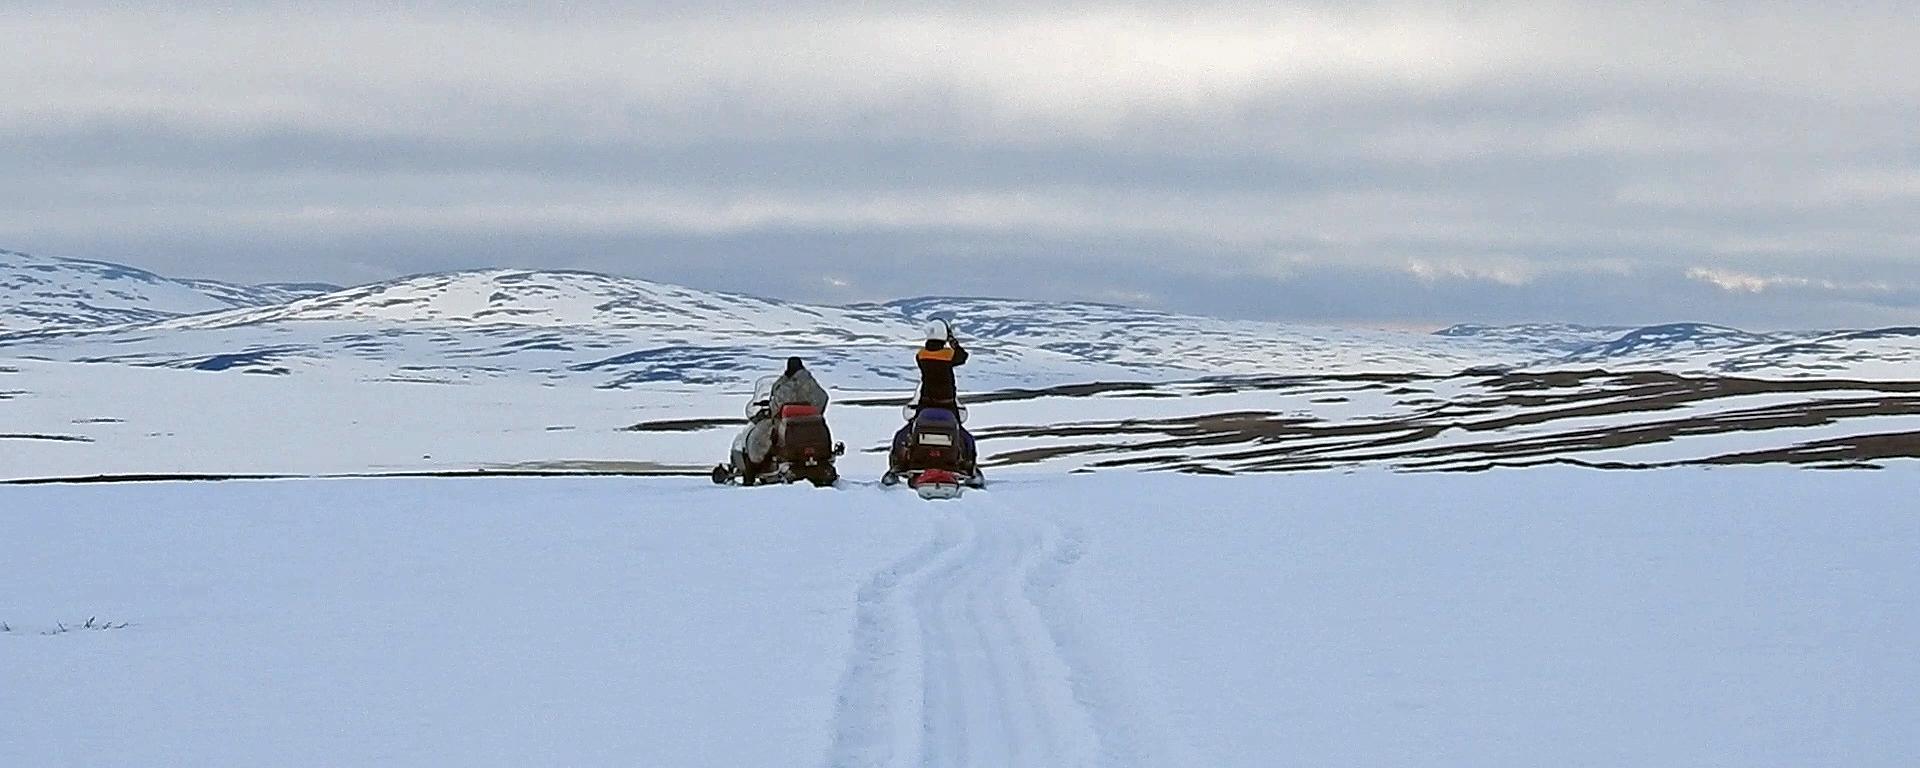 Kalveprosjektet går sin gang og oppsynet følger med. Foto: Olav Strand, Norsk institutt for naturforskning (NINA)